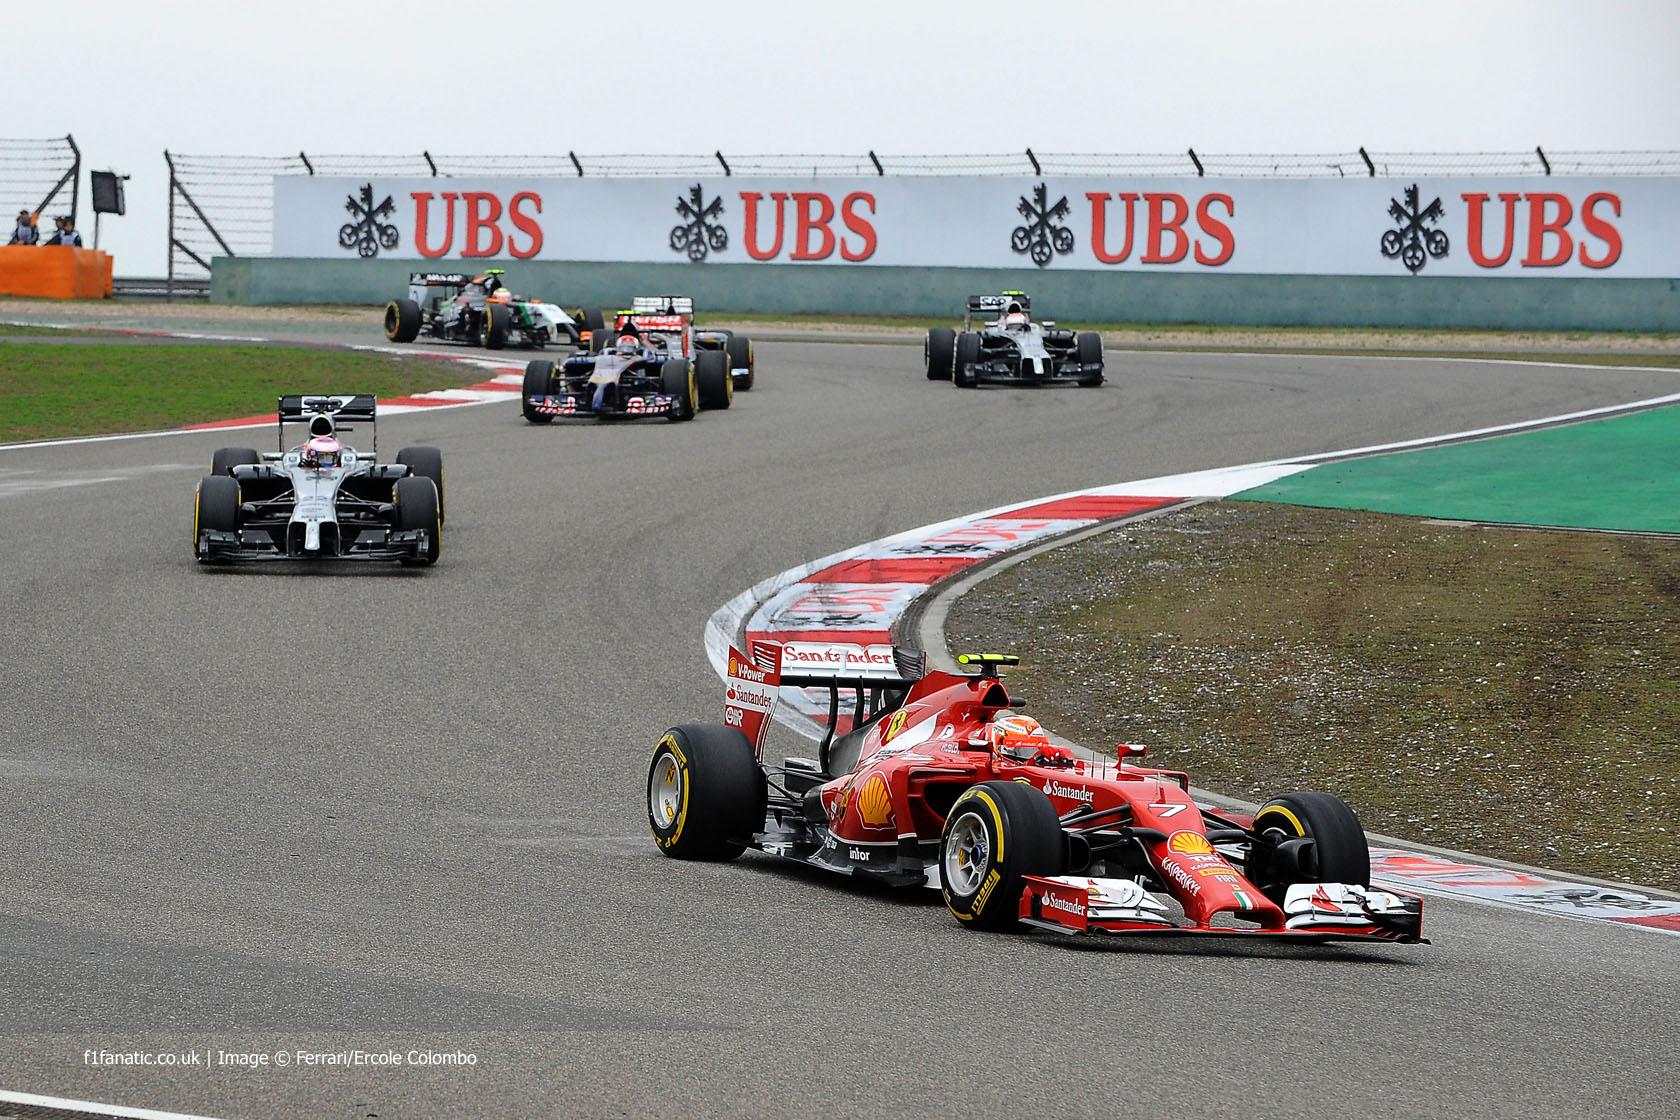 Kimi Raikkonen, Ferrari, Shanghai International Circuit, 2014